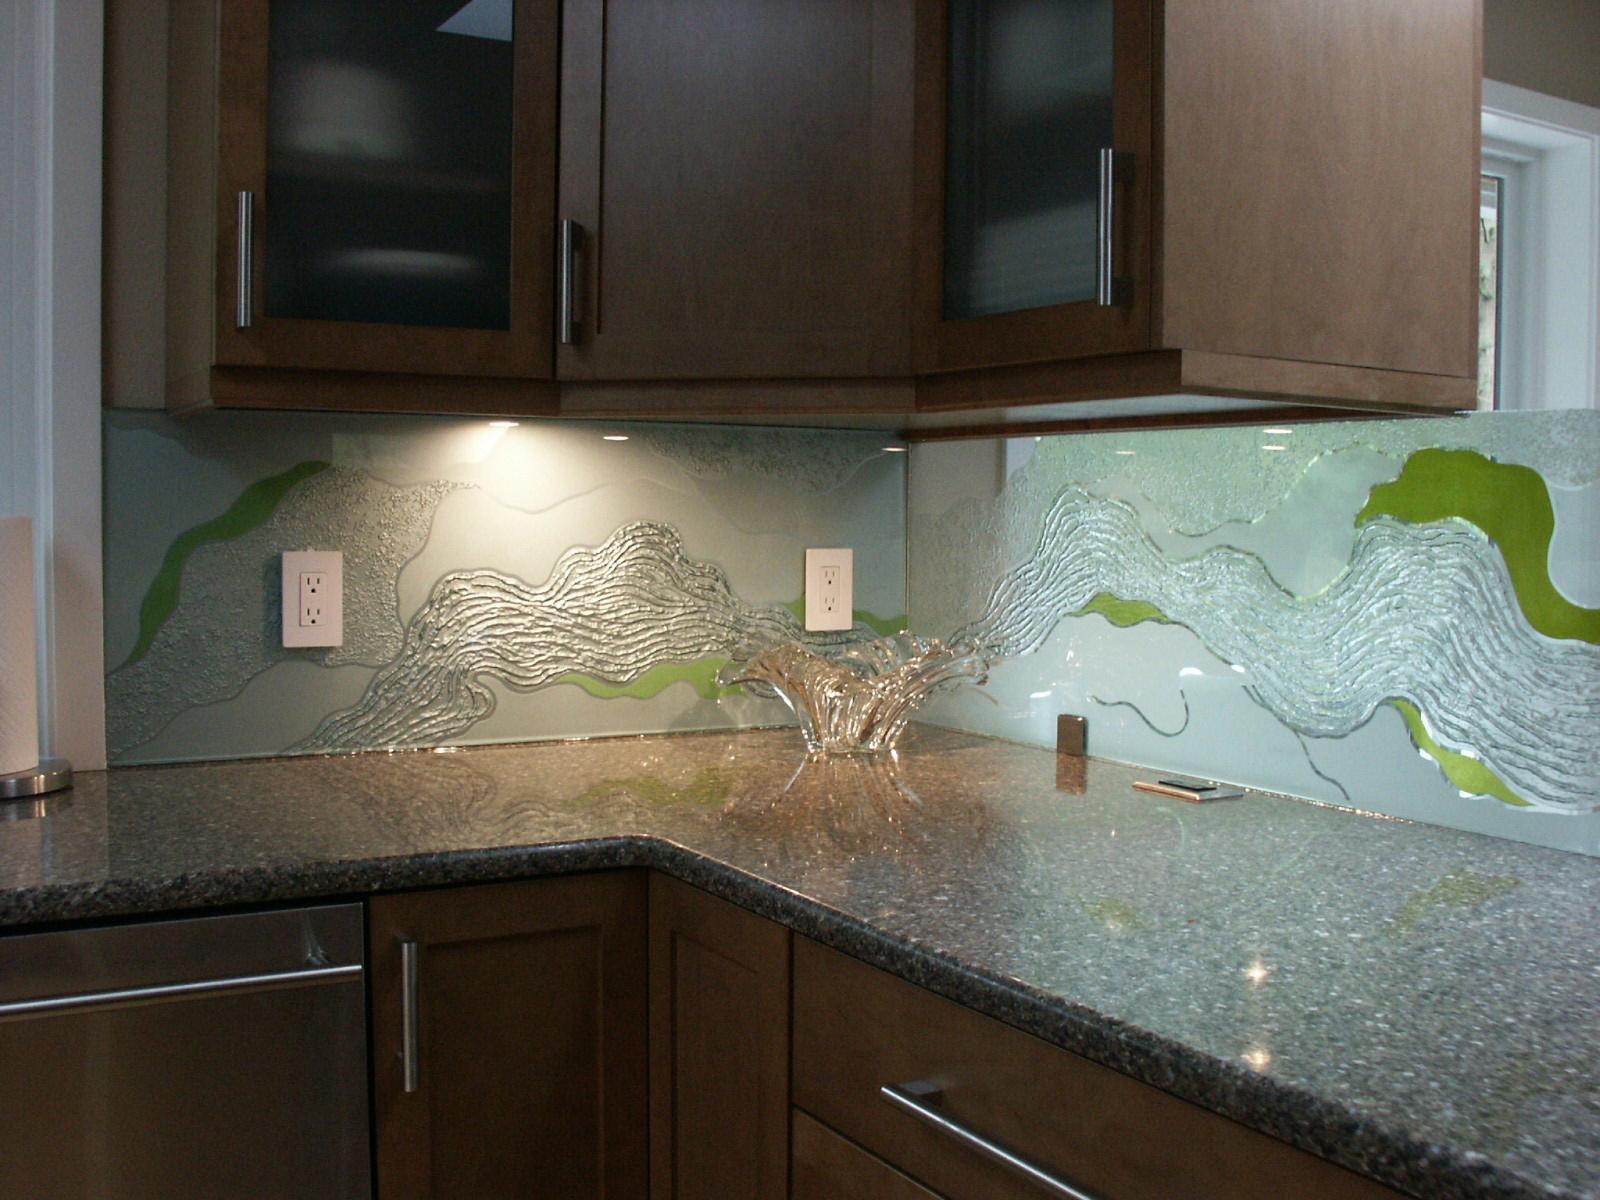 - Studio G3 Glass Vancouver Glass Backsplash Backpainted Glass Wall  